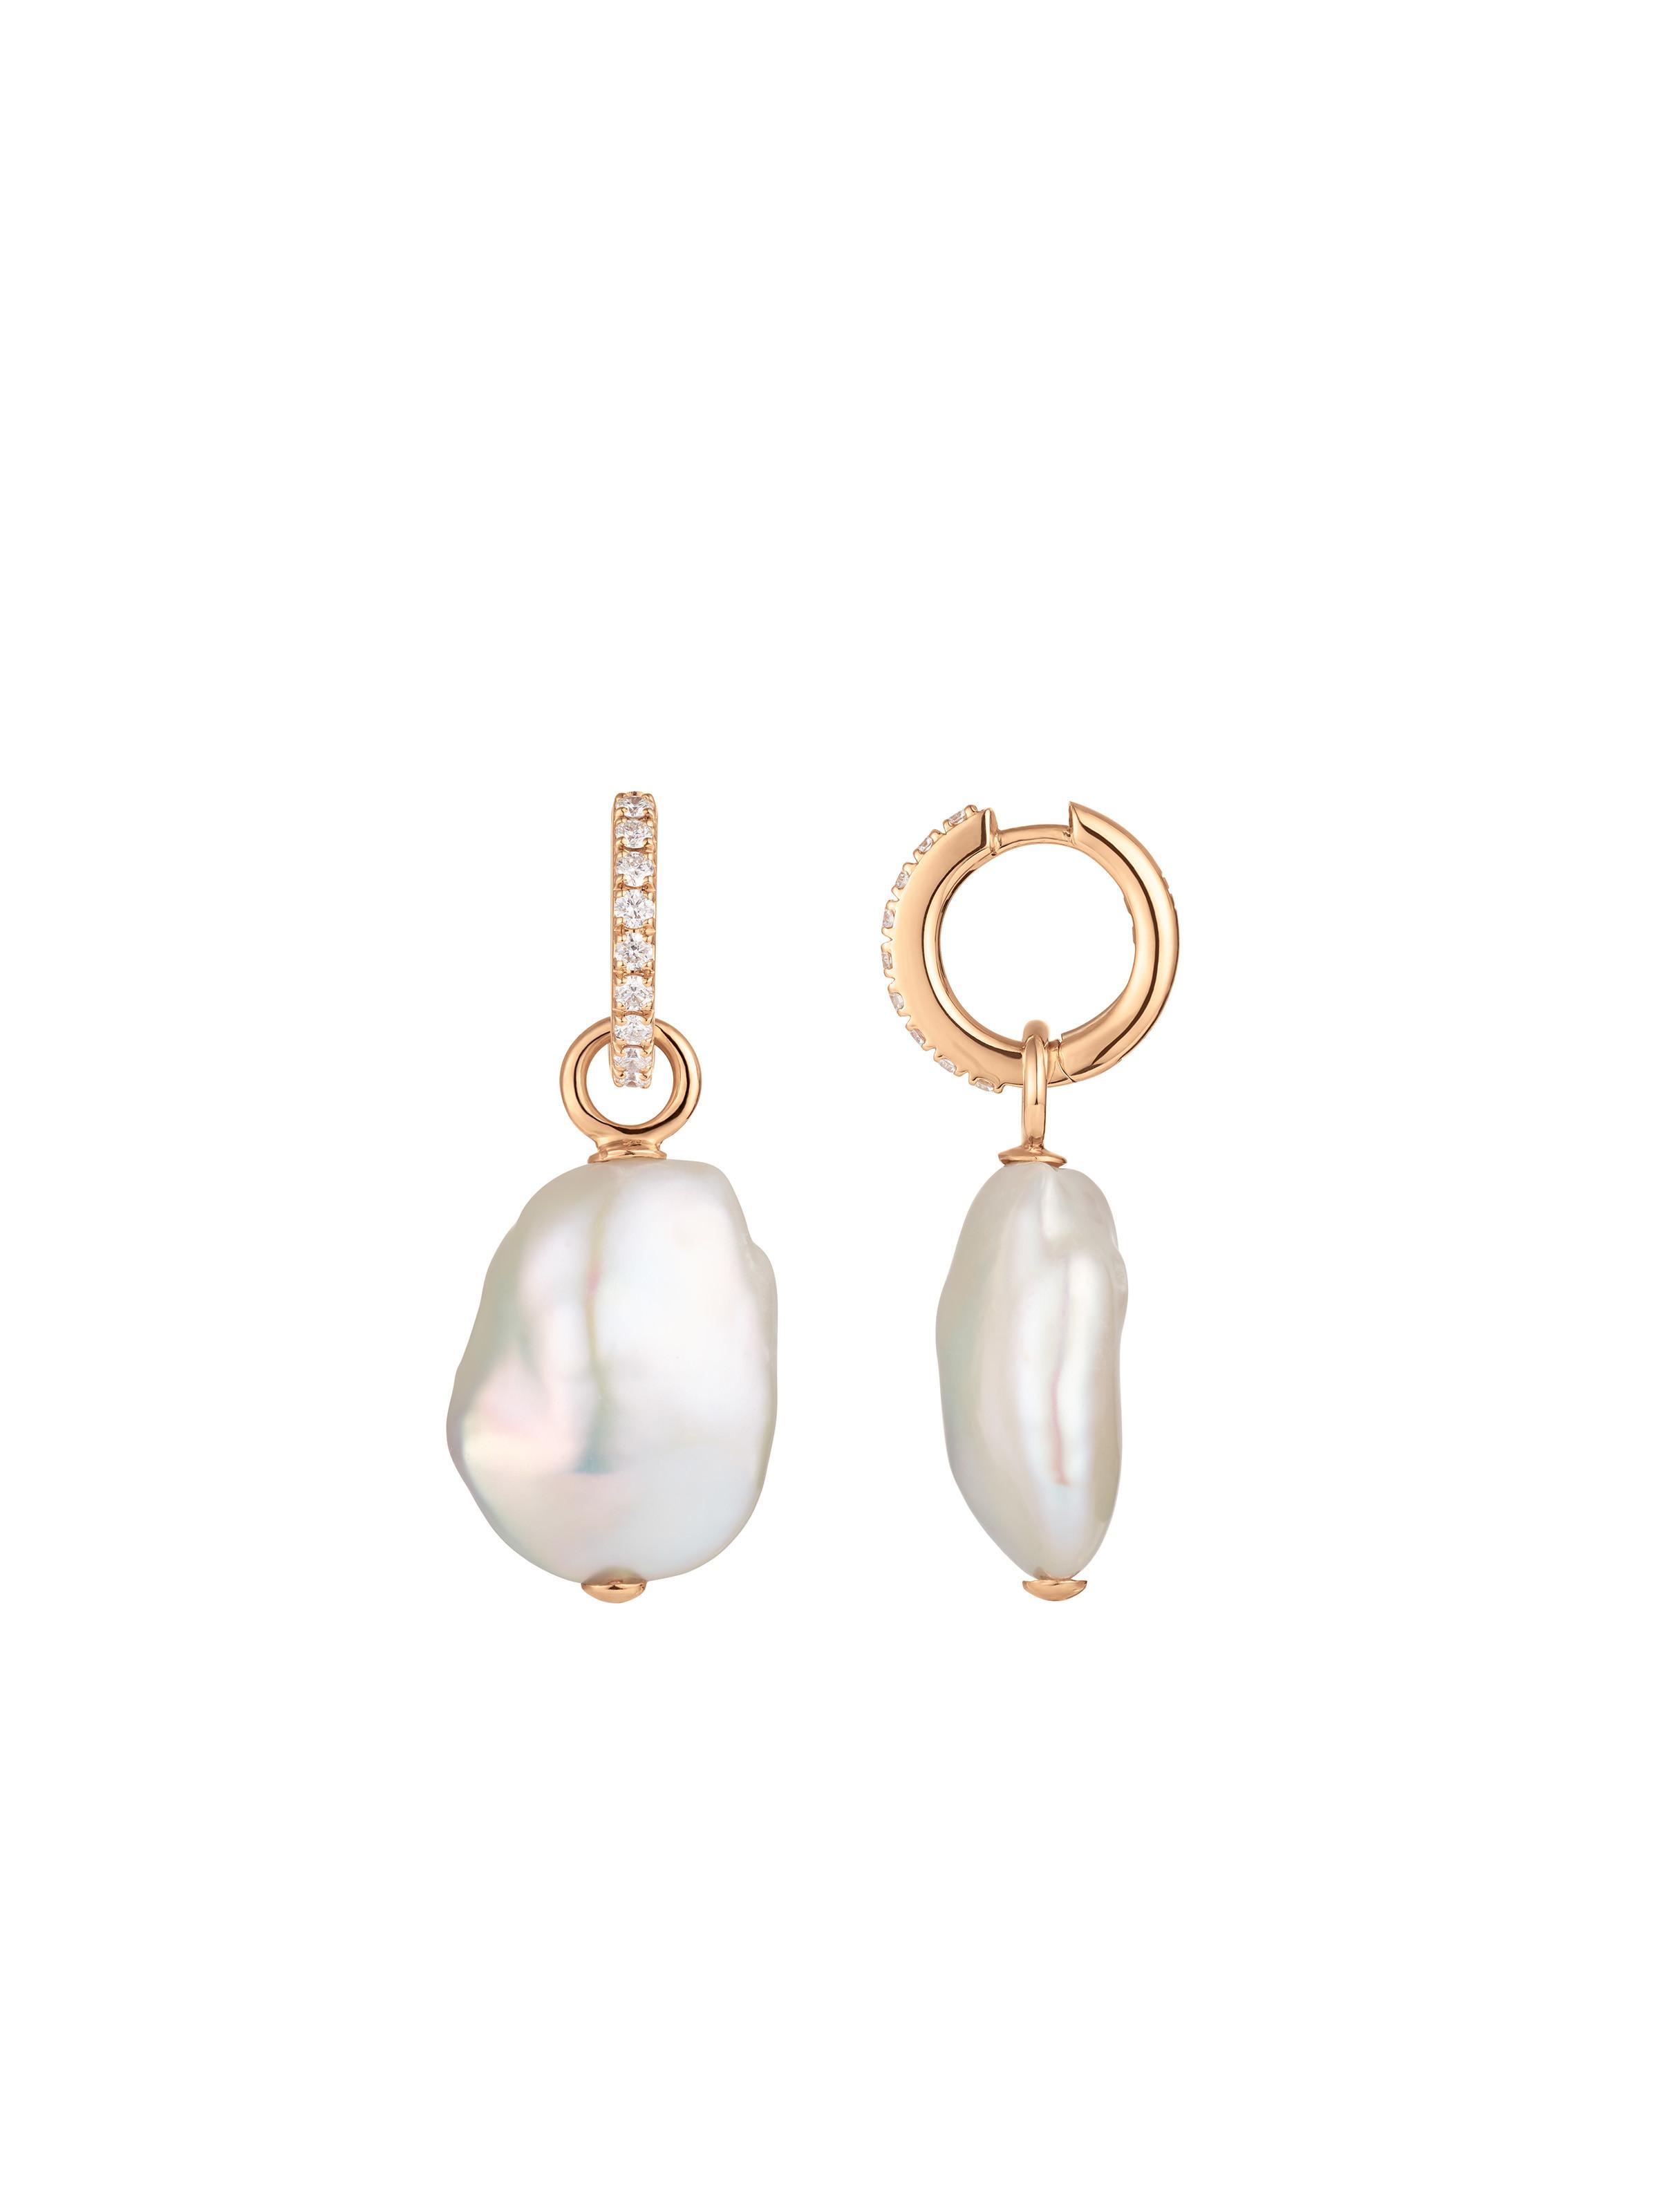 Tidedrops hoop earrings